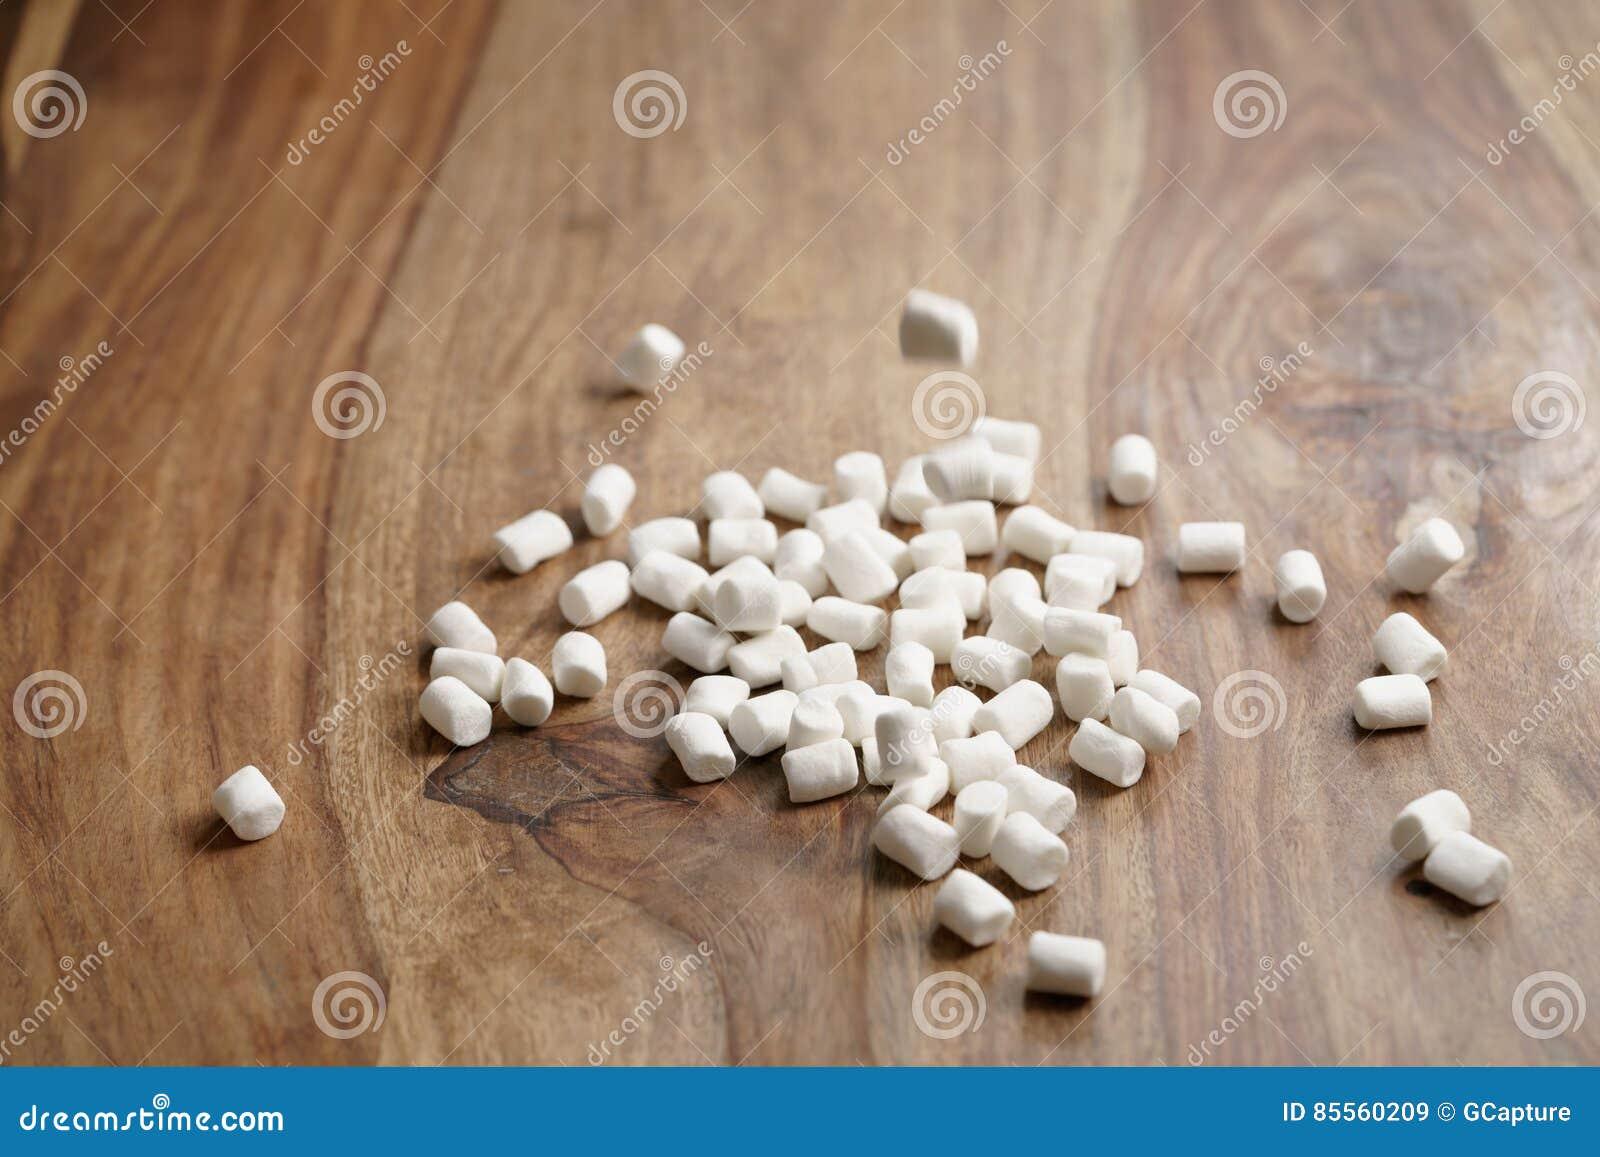 Fallende weiße Eibische auf Holztisch